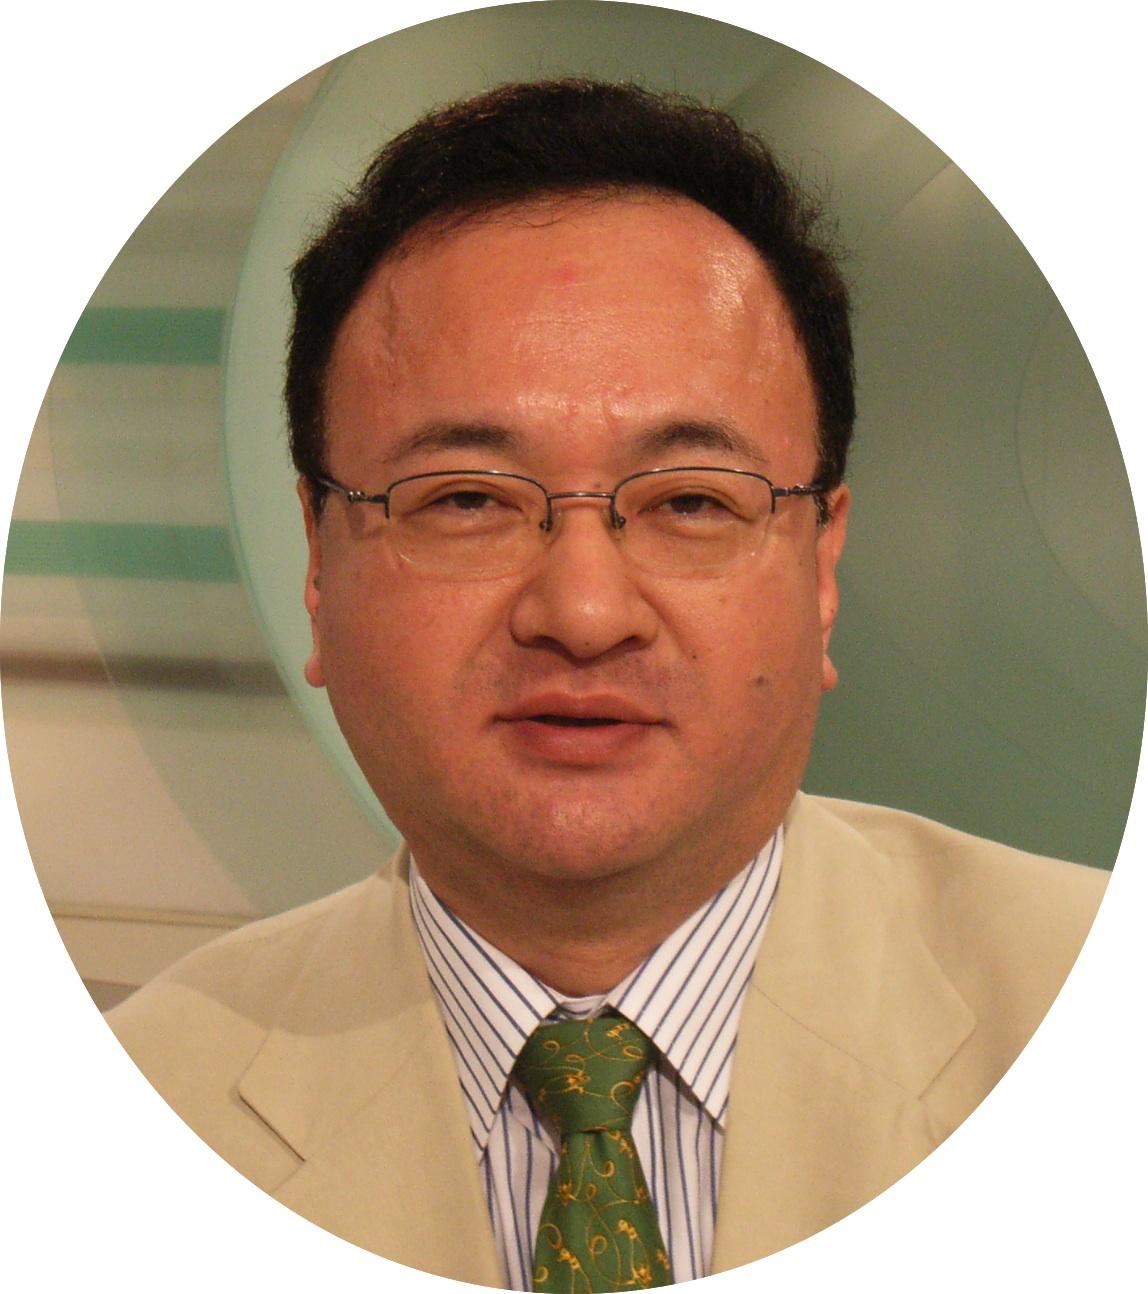 室山哲也さん(NHK解説委員) 1976年NHK入局。「ウルトラアイ」「... TV:特定非営利